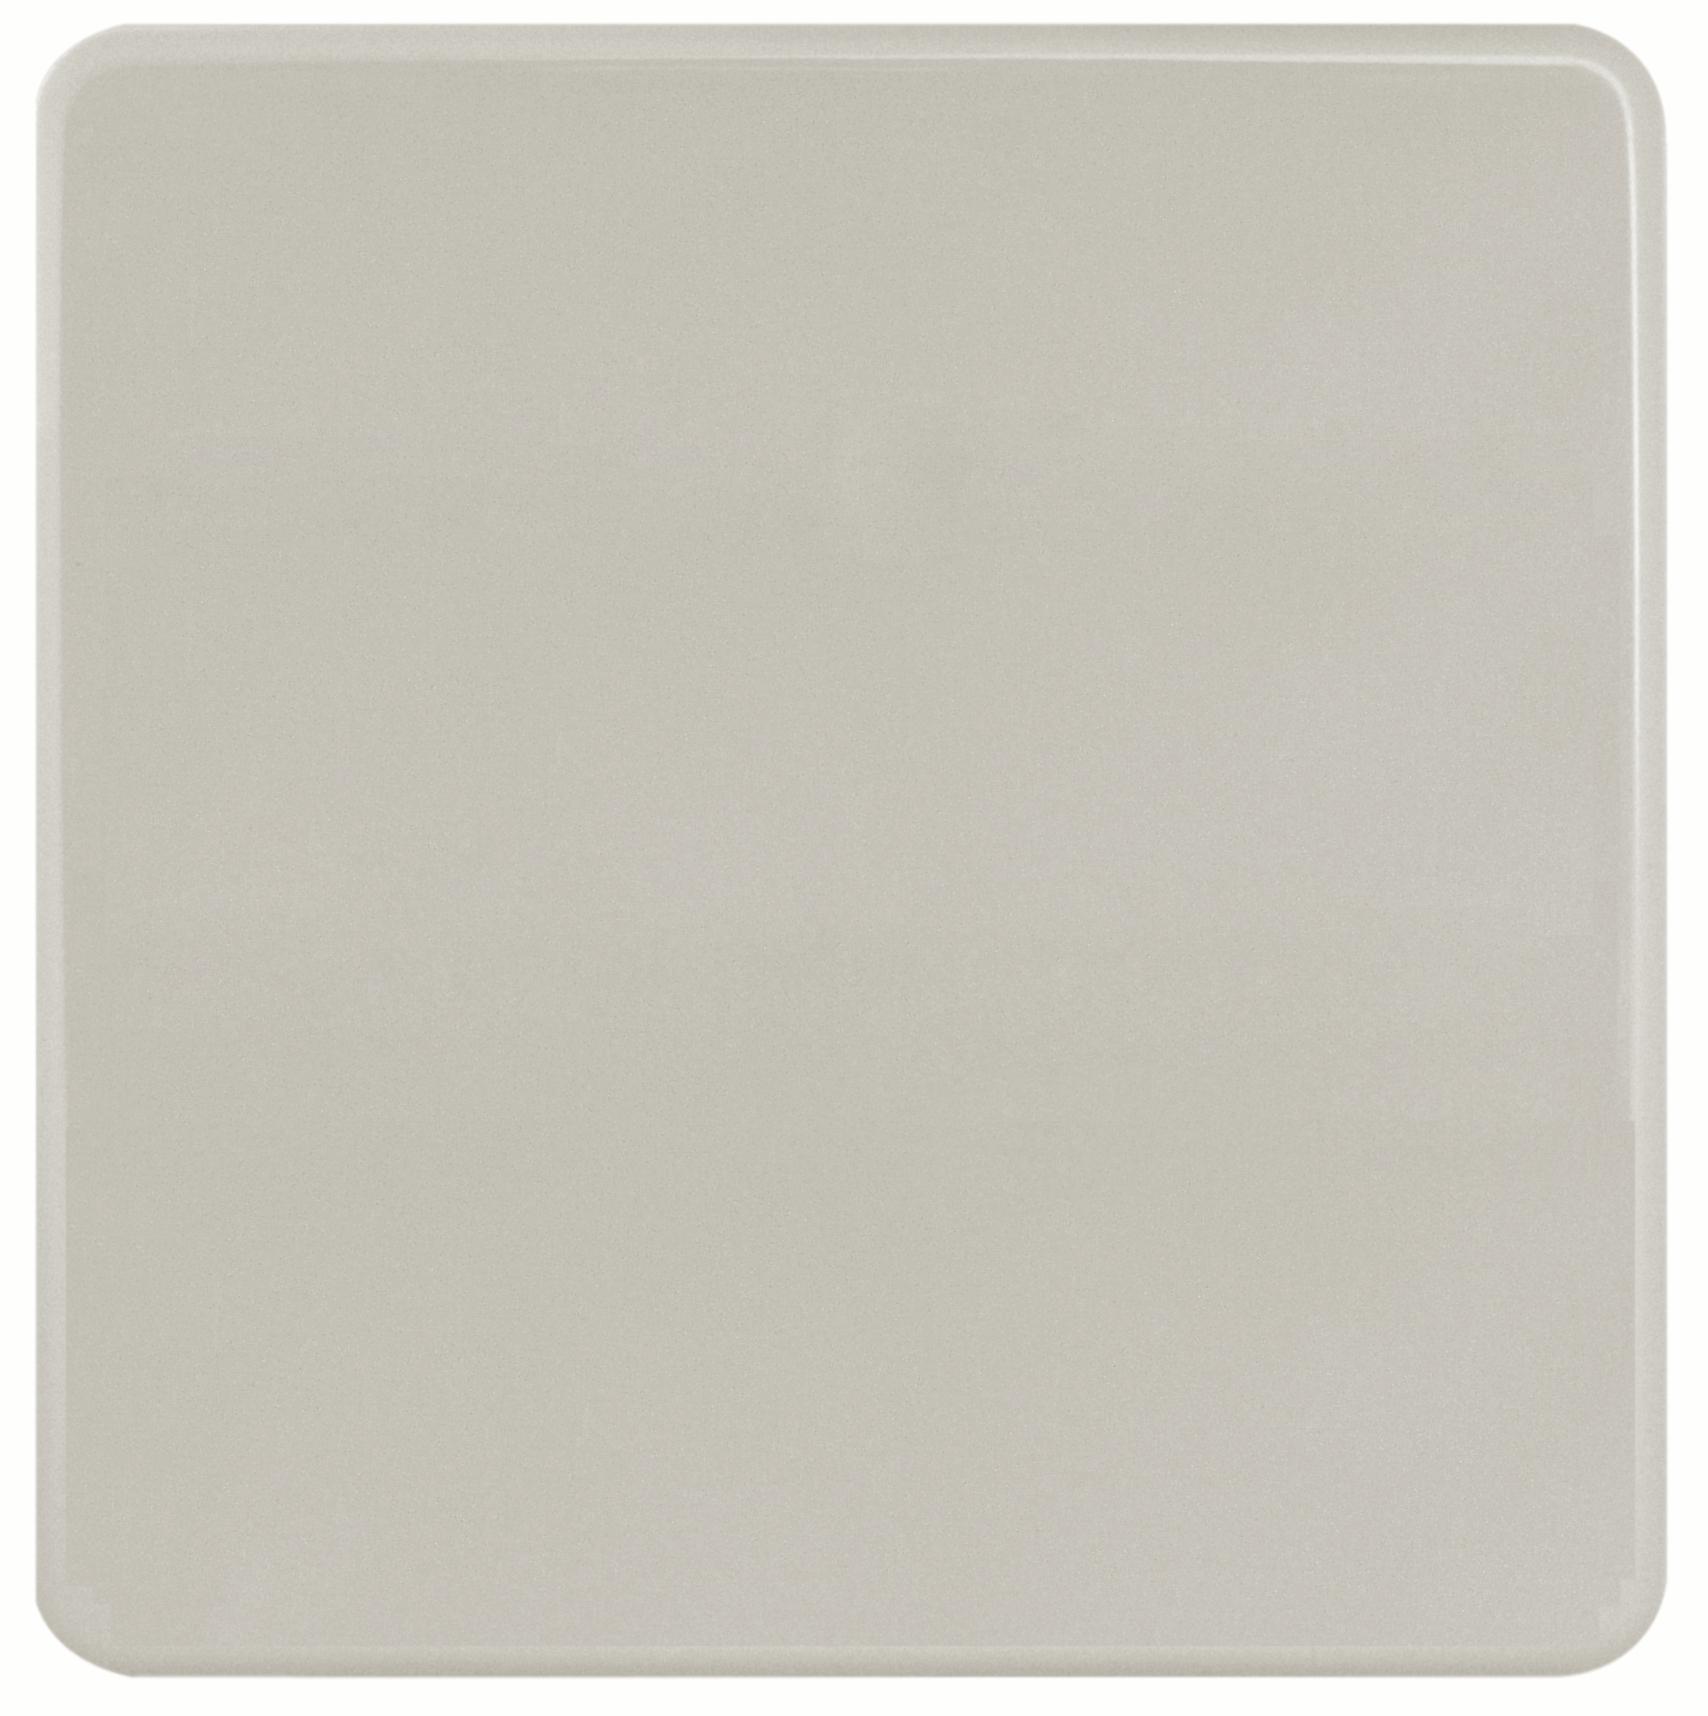 1 Stk Wippe für Universal-, Kreuzschalter und Taster, grau EL233601--